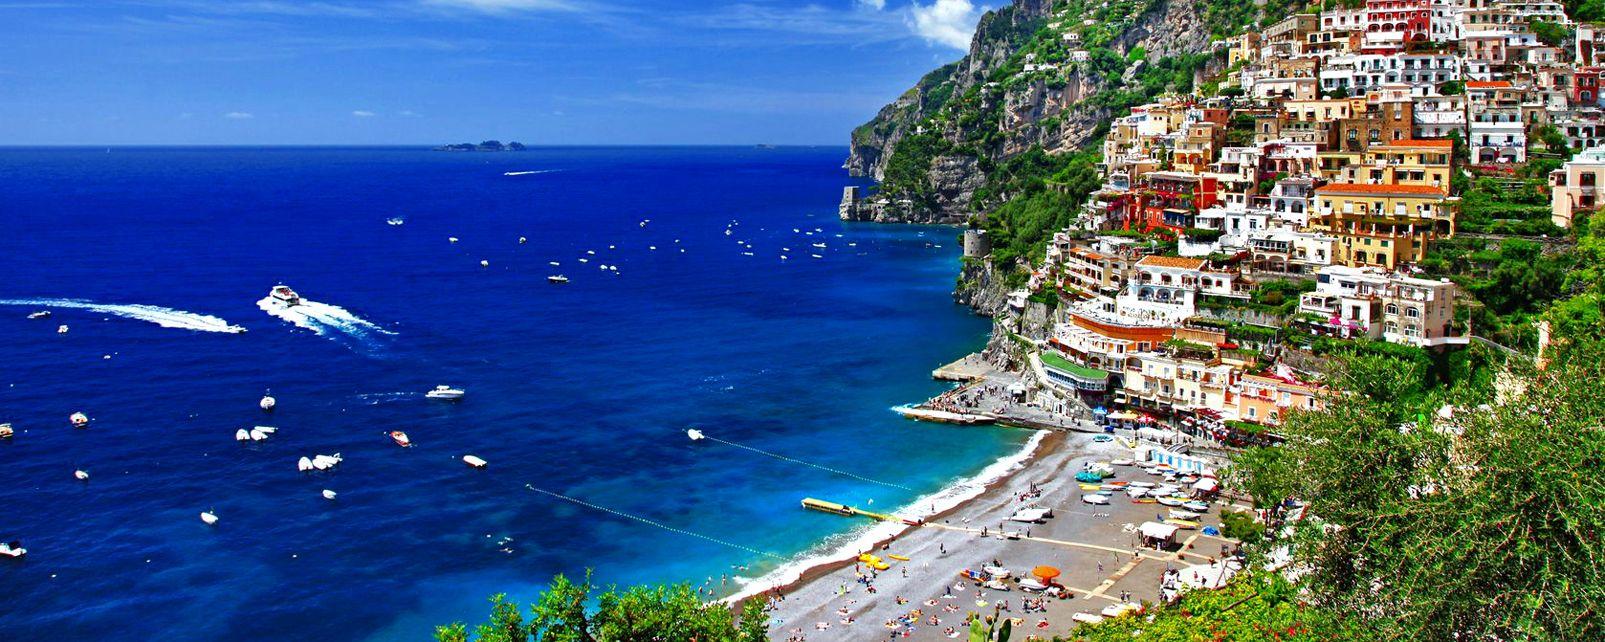 La côte amalfitaine , Italie